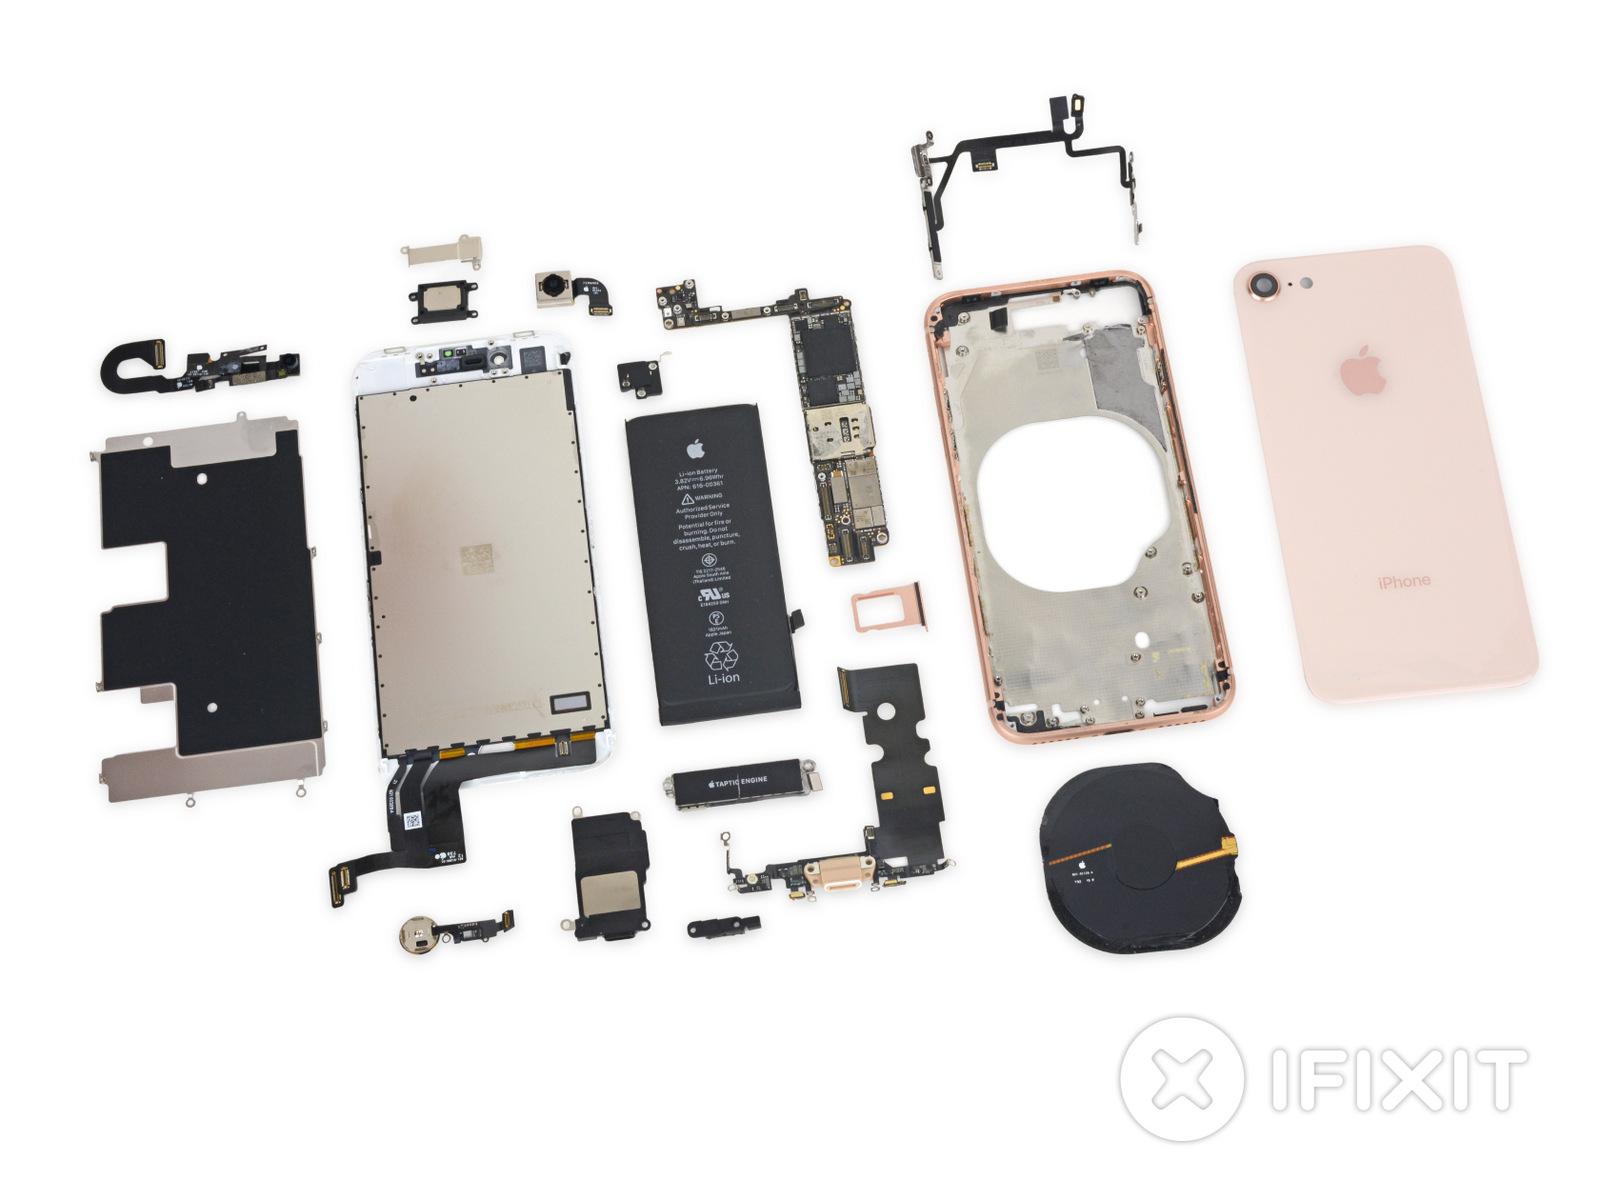 4 choses que l'on apprend sur l'iPhone 8 après son démontage